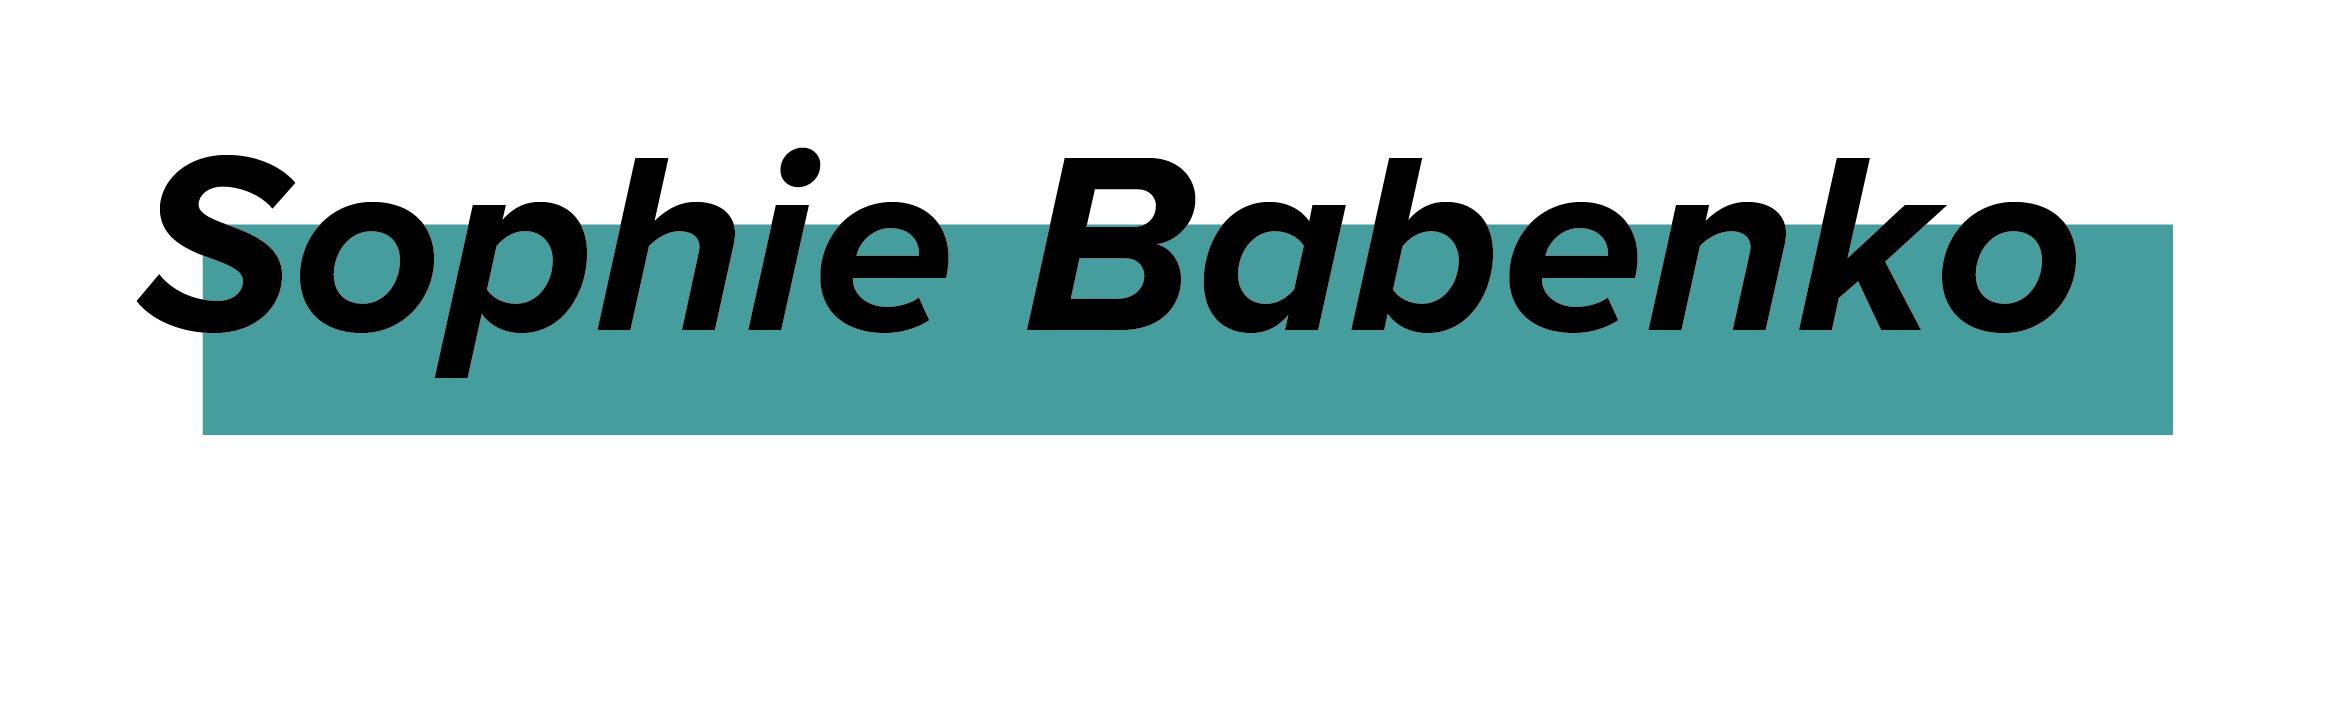 Sophie Babenko